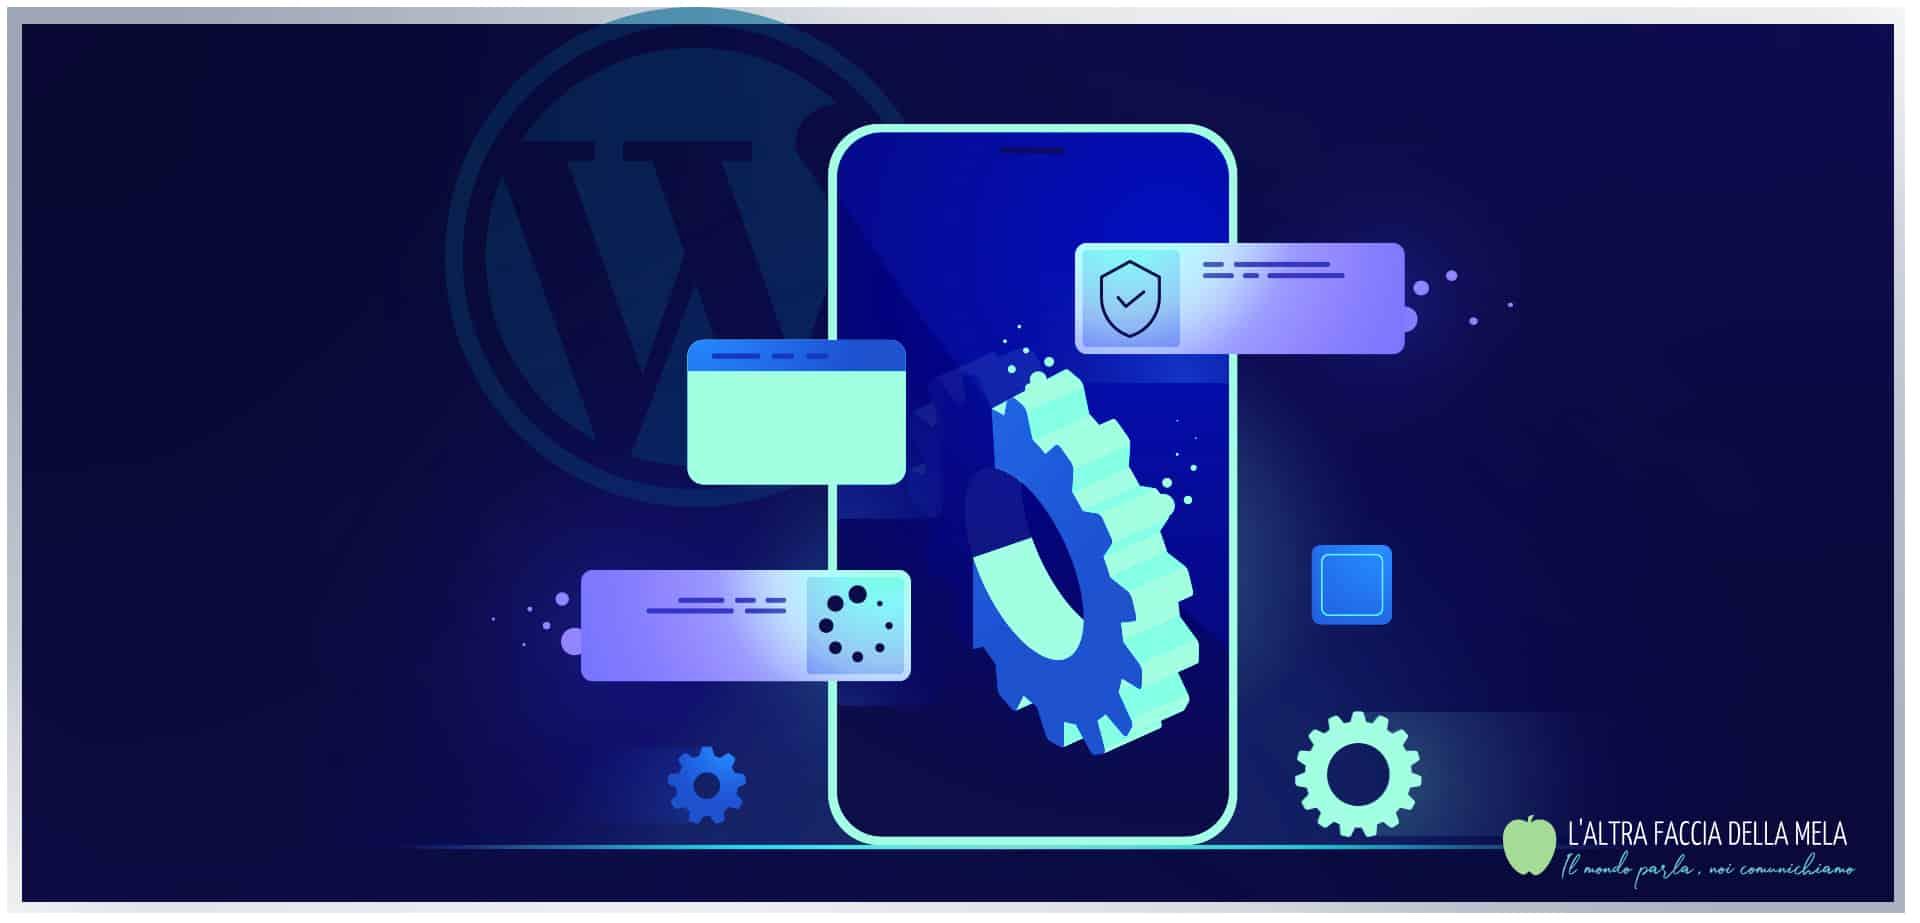 Aggiornare WordPress: perché è importante e cosa significa